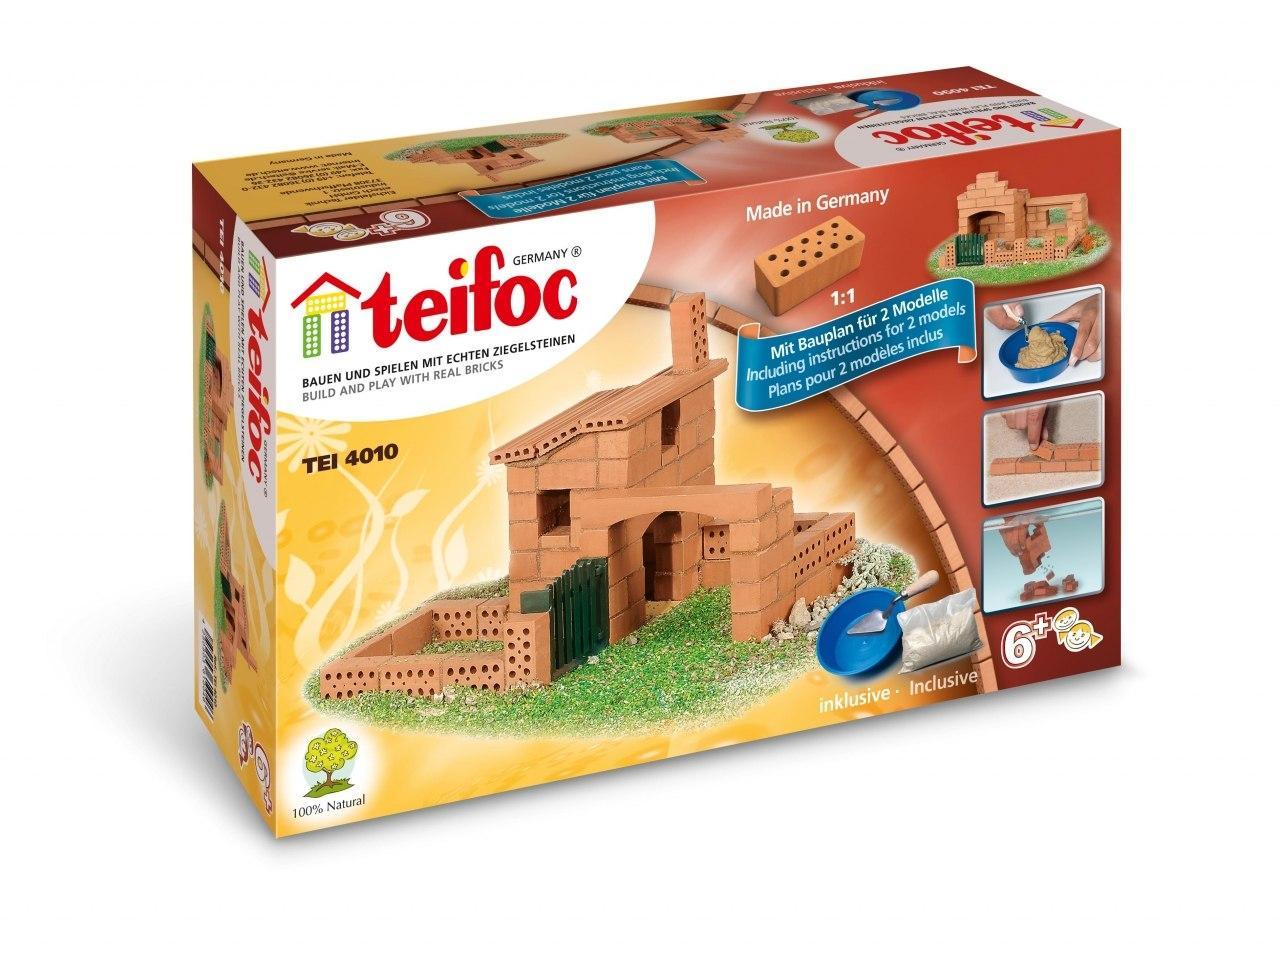 Купить Конструктор TEIFOC TEI 4010 Дом 2 модели, Германия